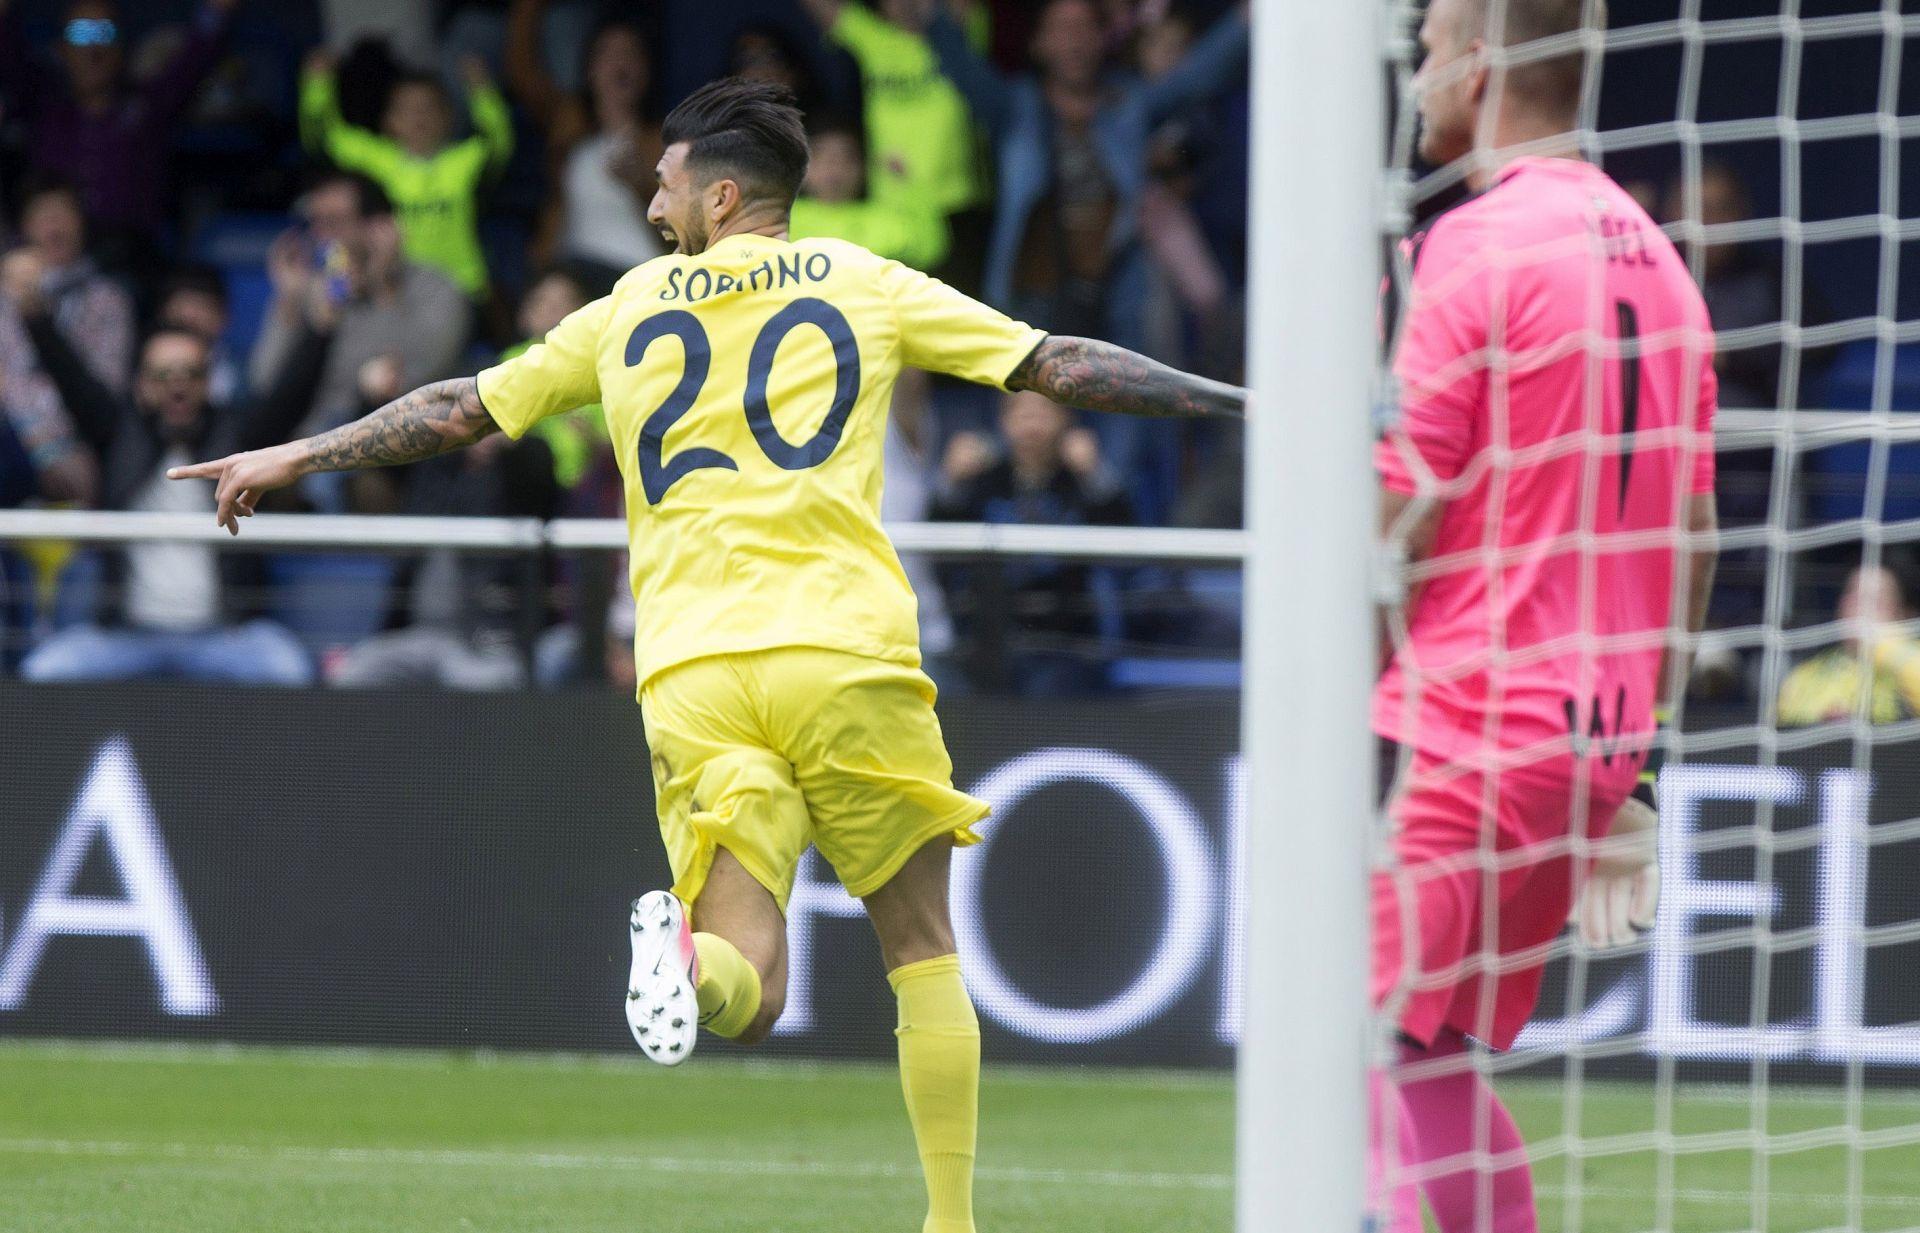 ŠPANJOLSKA Villarreal – Eibar 2-3